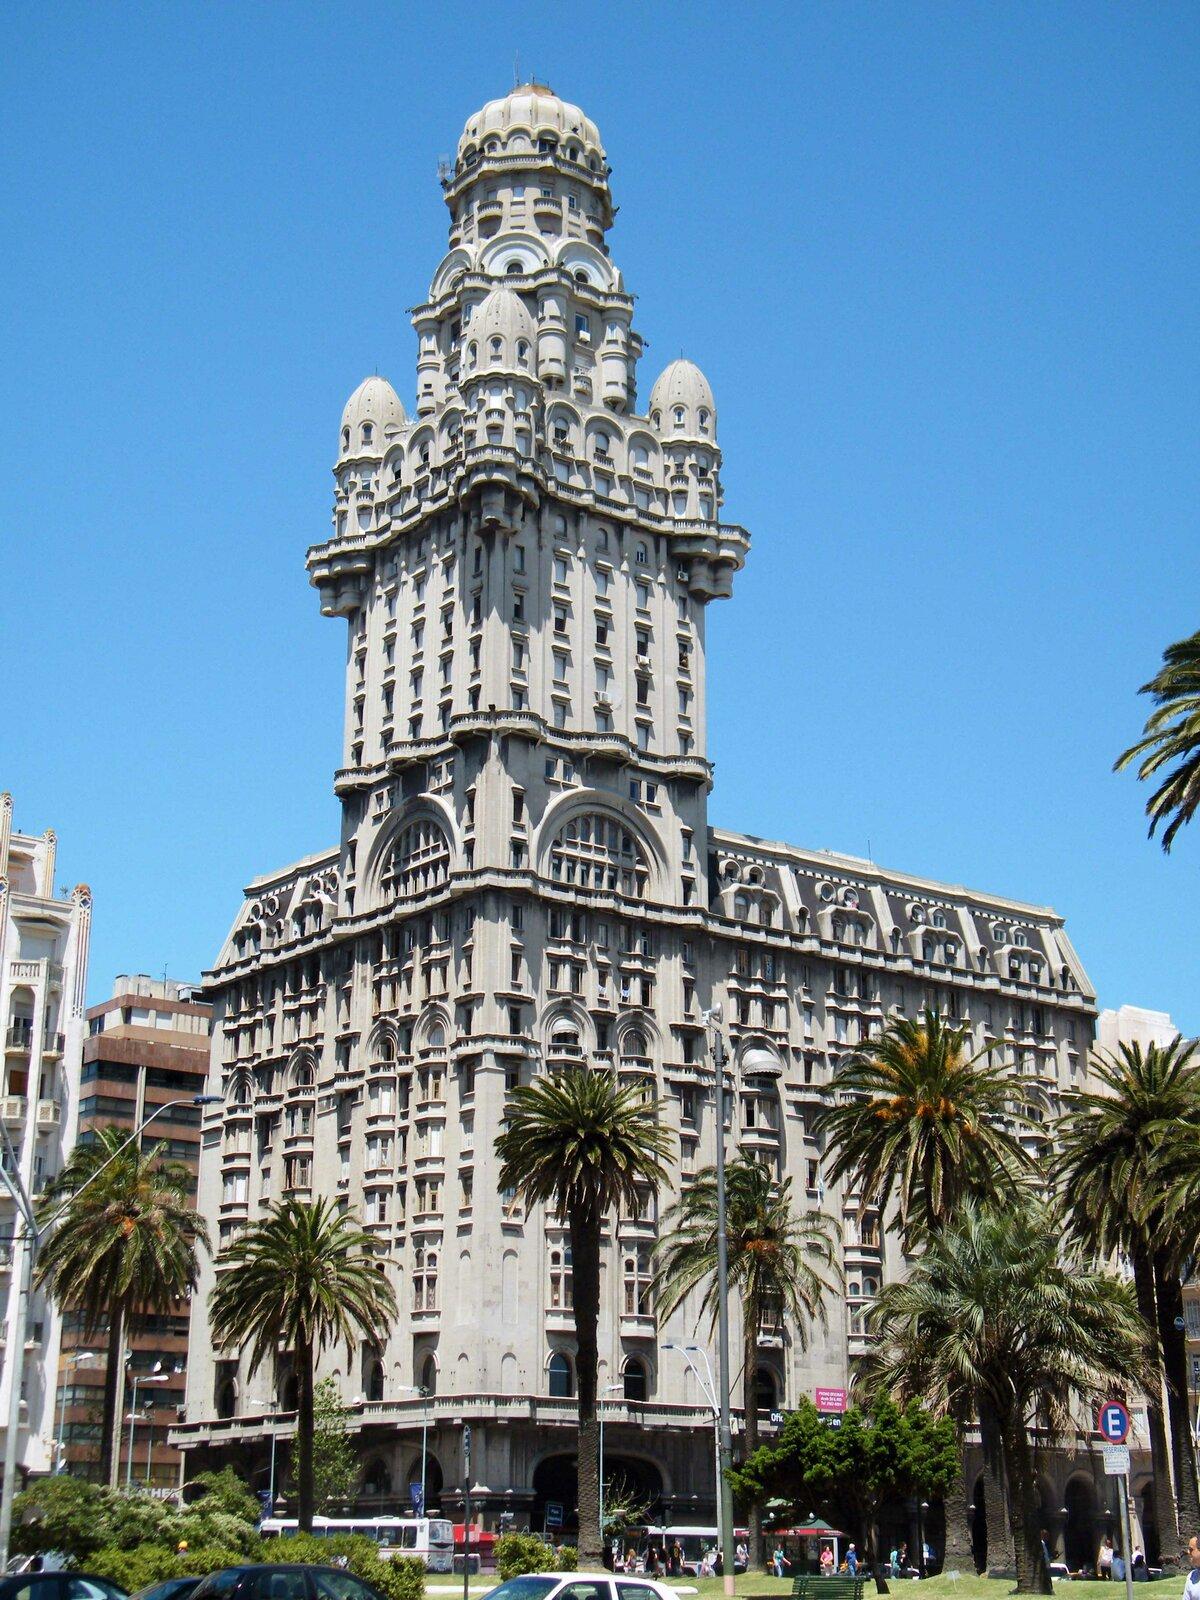 достопримечательности уругвая фото с описанием одним